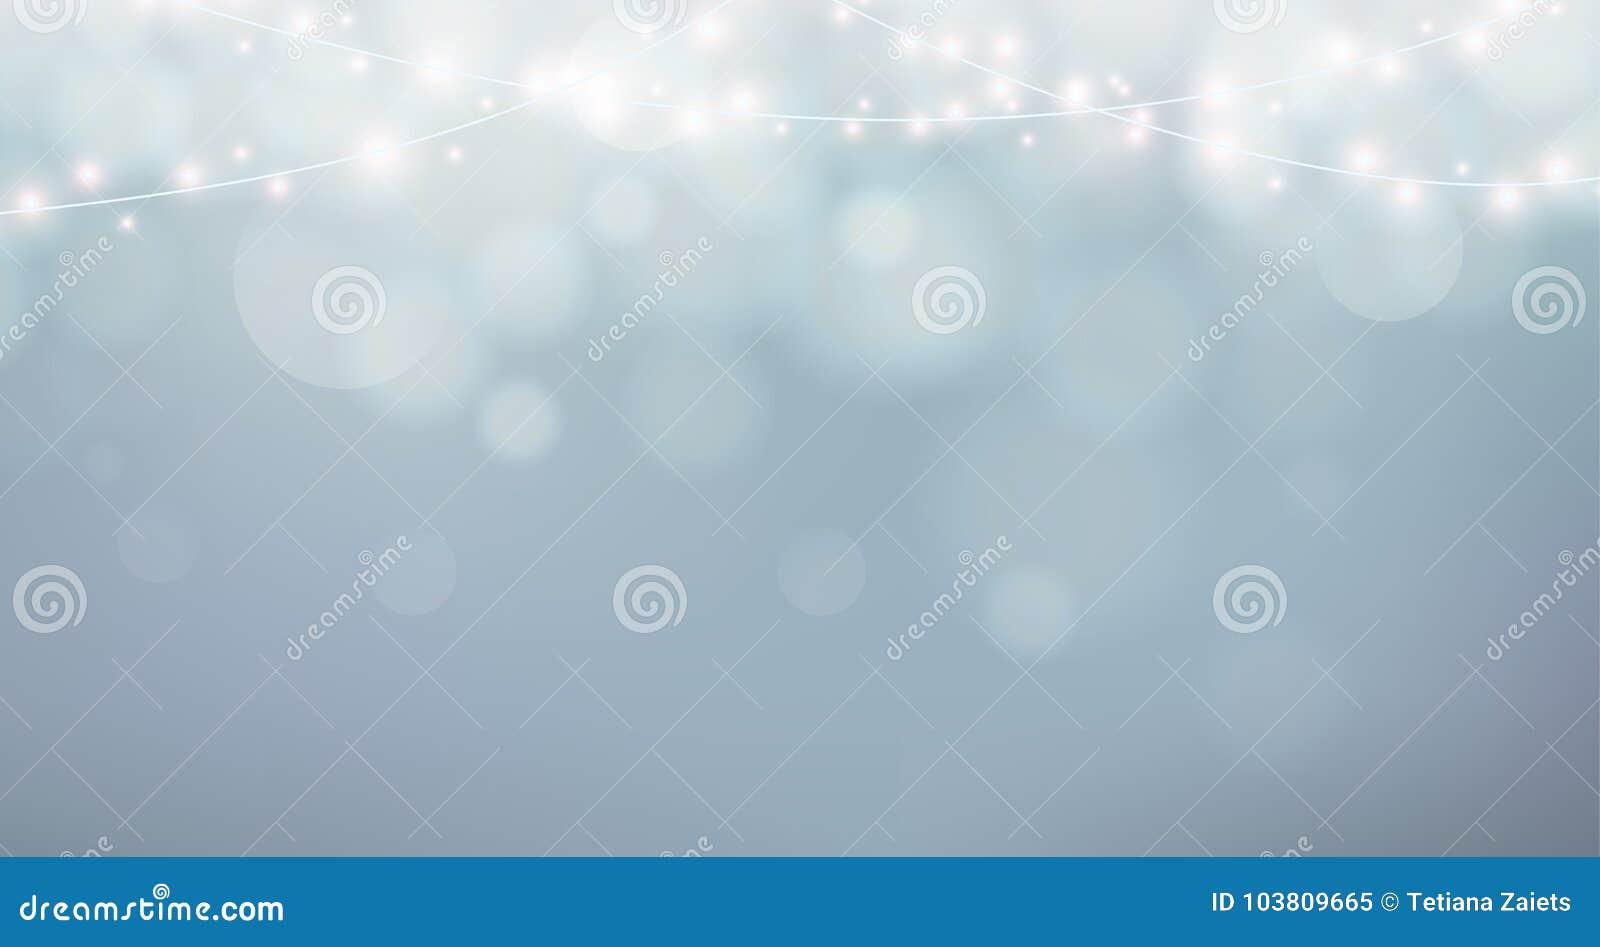 Bożonarodzeniowe Światła Xmas girlandy dekoracja Popielaty tło z połysk mgłą, bokeh